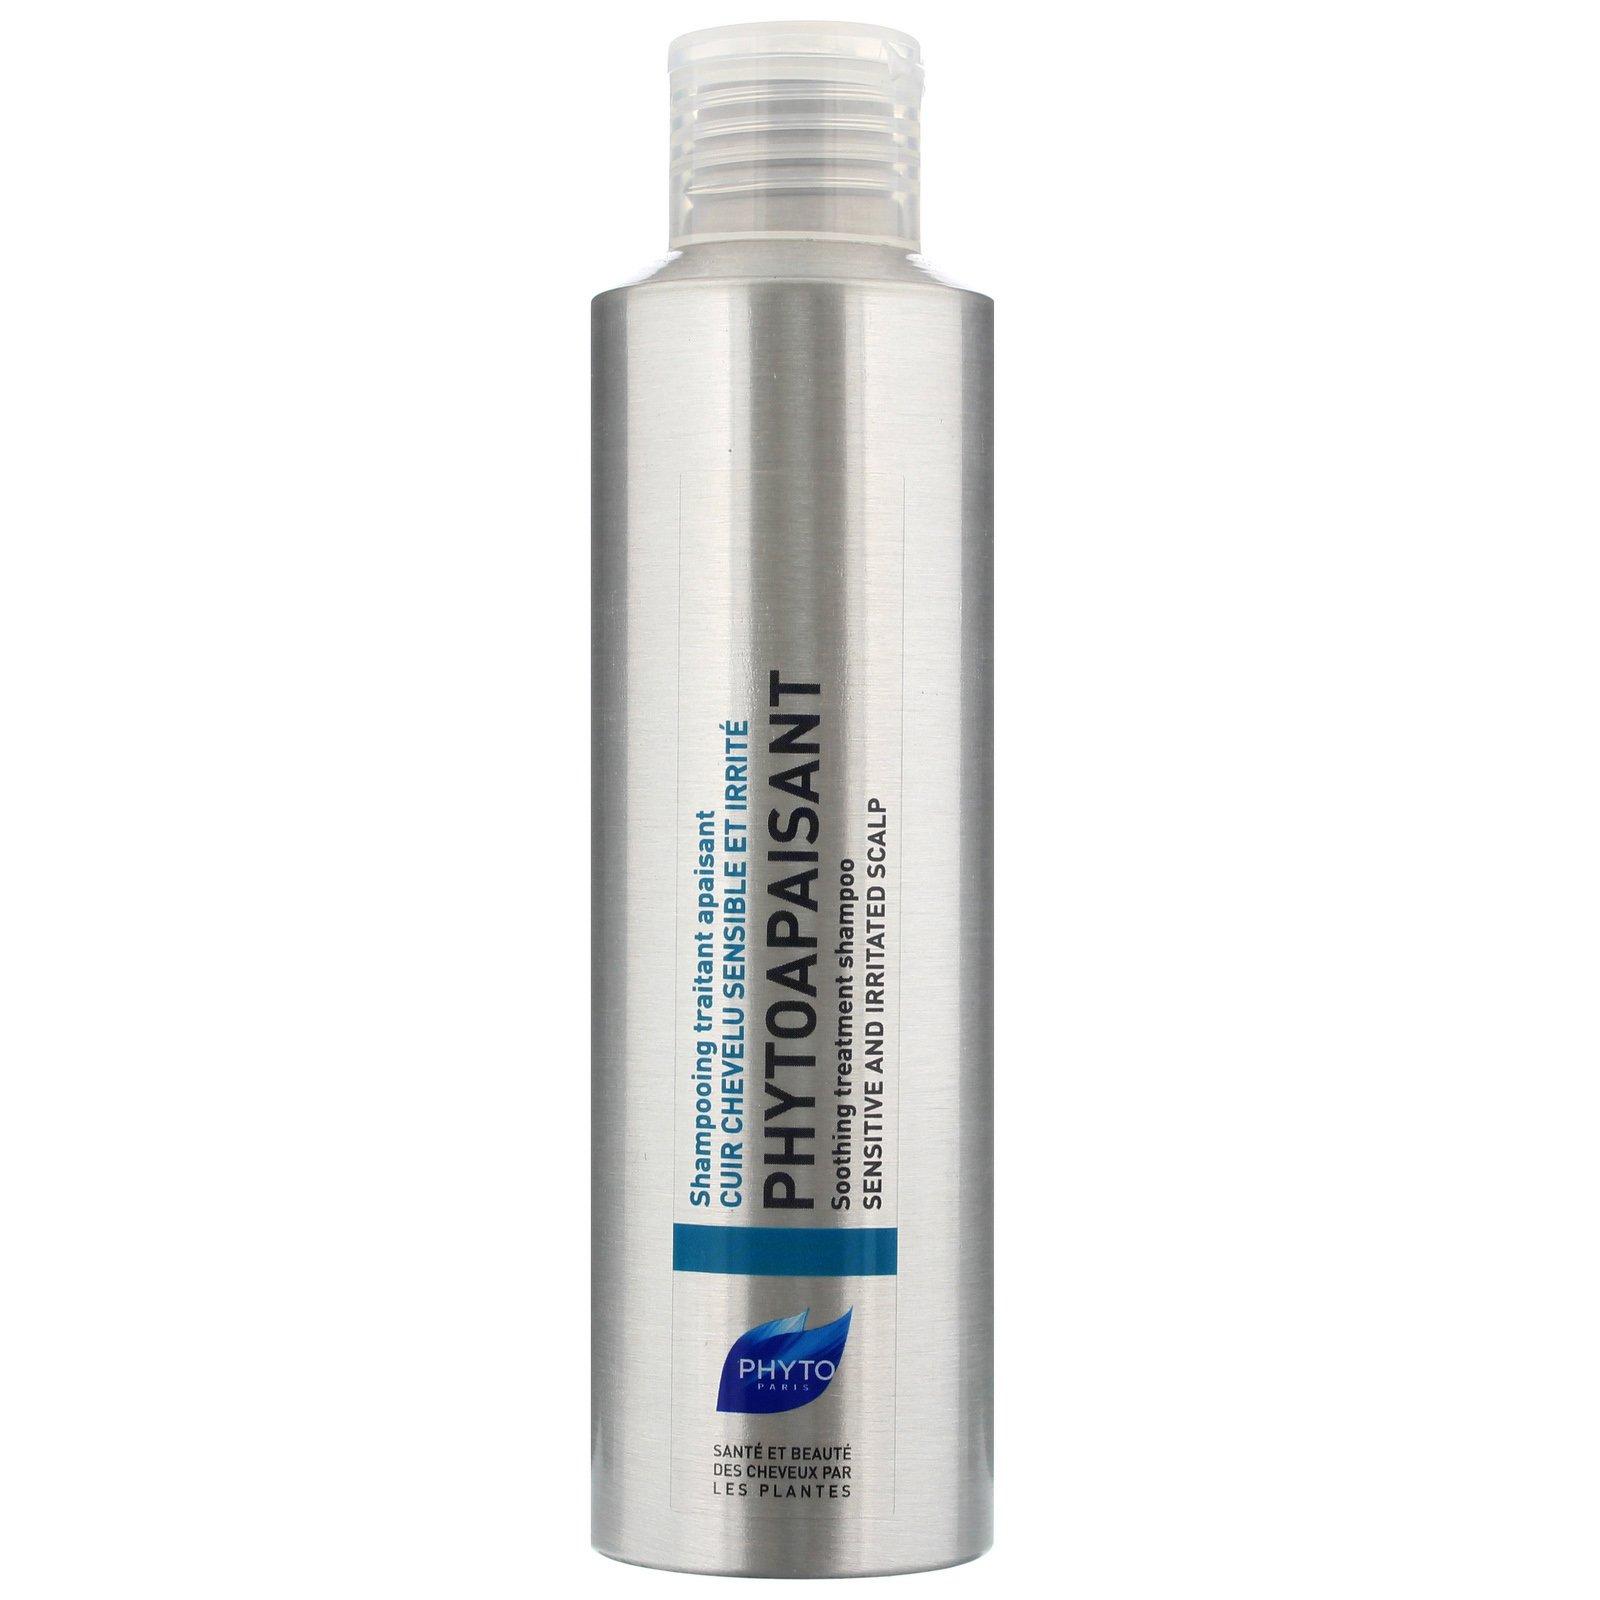 Phyto Phytoapaisant Shampoo Δροσιστικό Καταπραϋντικό Σαμπουάν Ευαίσθητο & Ερεθισμένο Τριχωτό 200ml